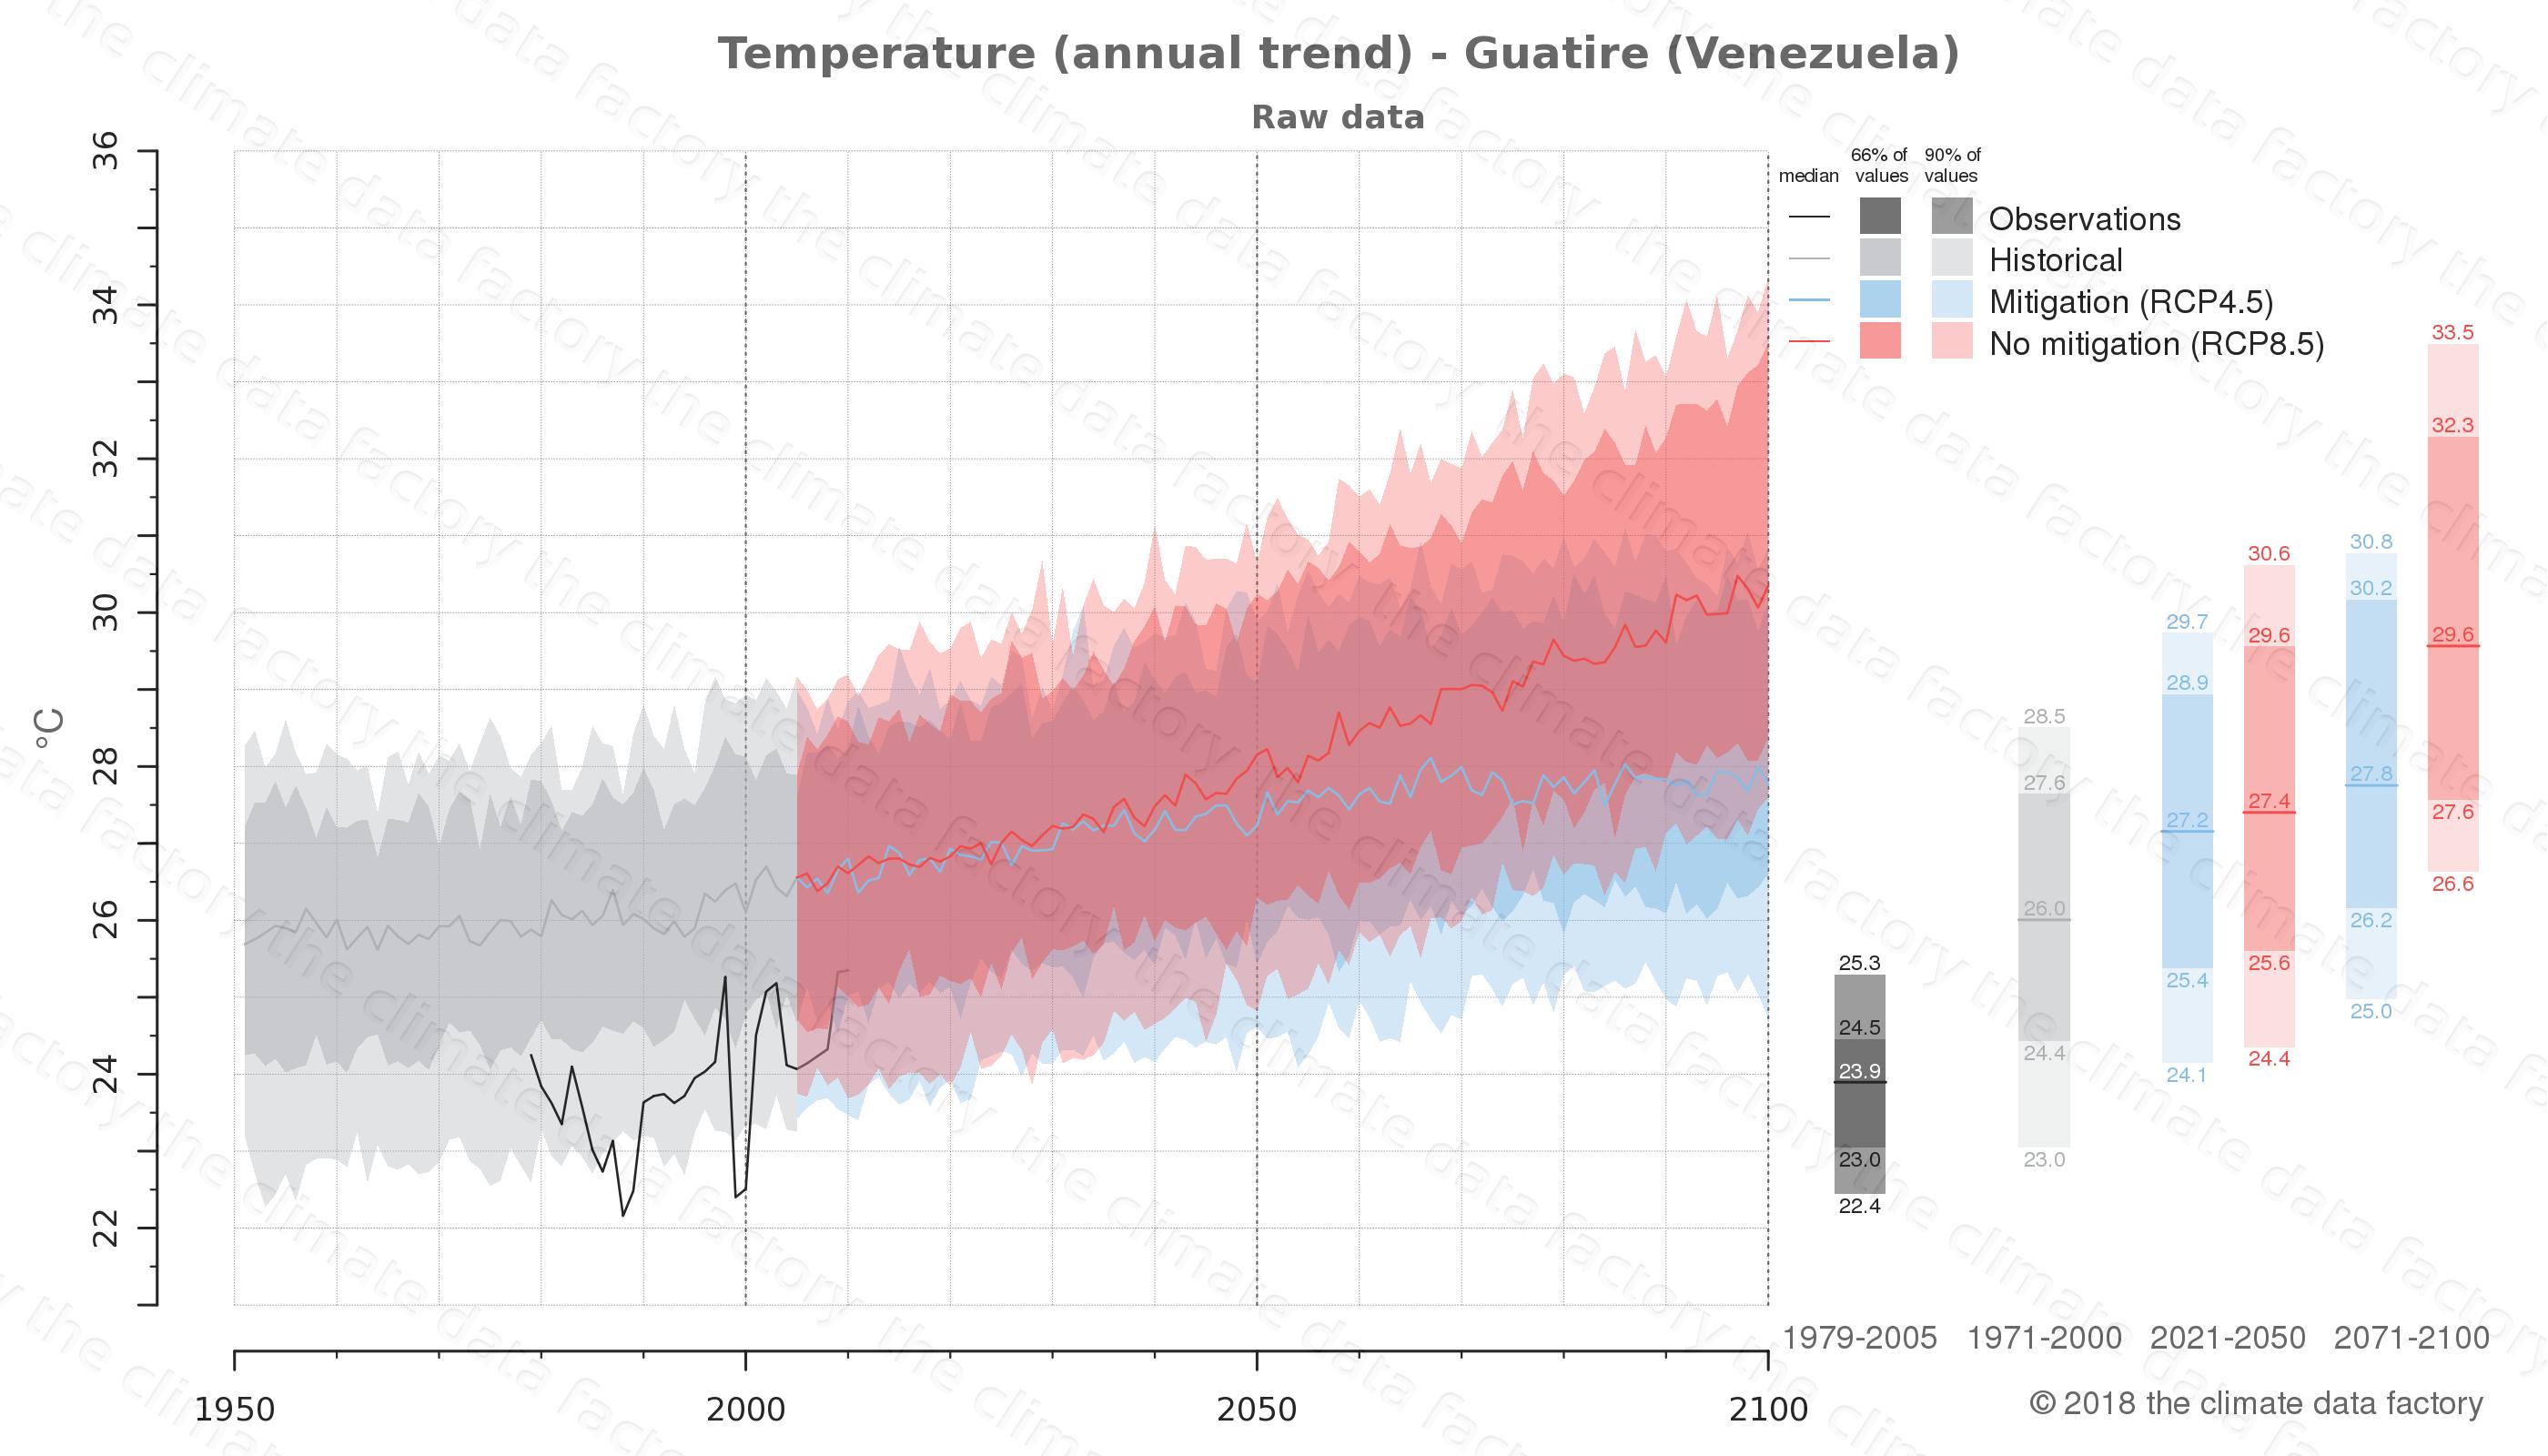 climate change data policy adaptation climate graph city data temperature guatire venezuela